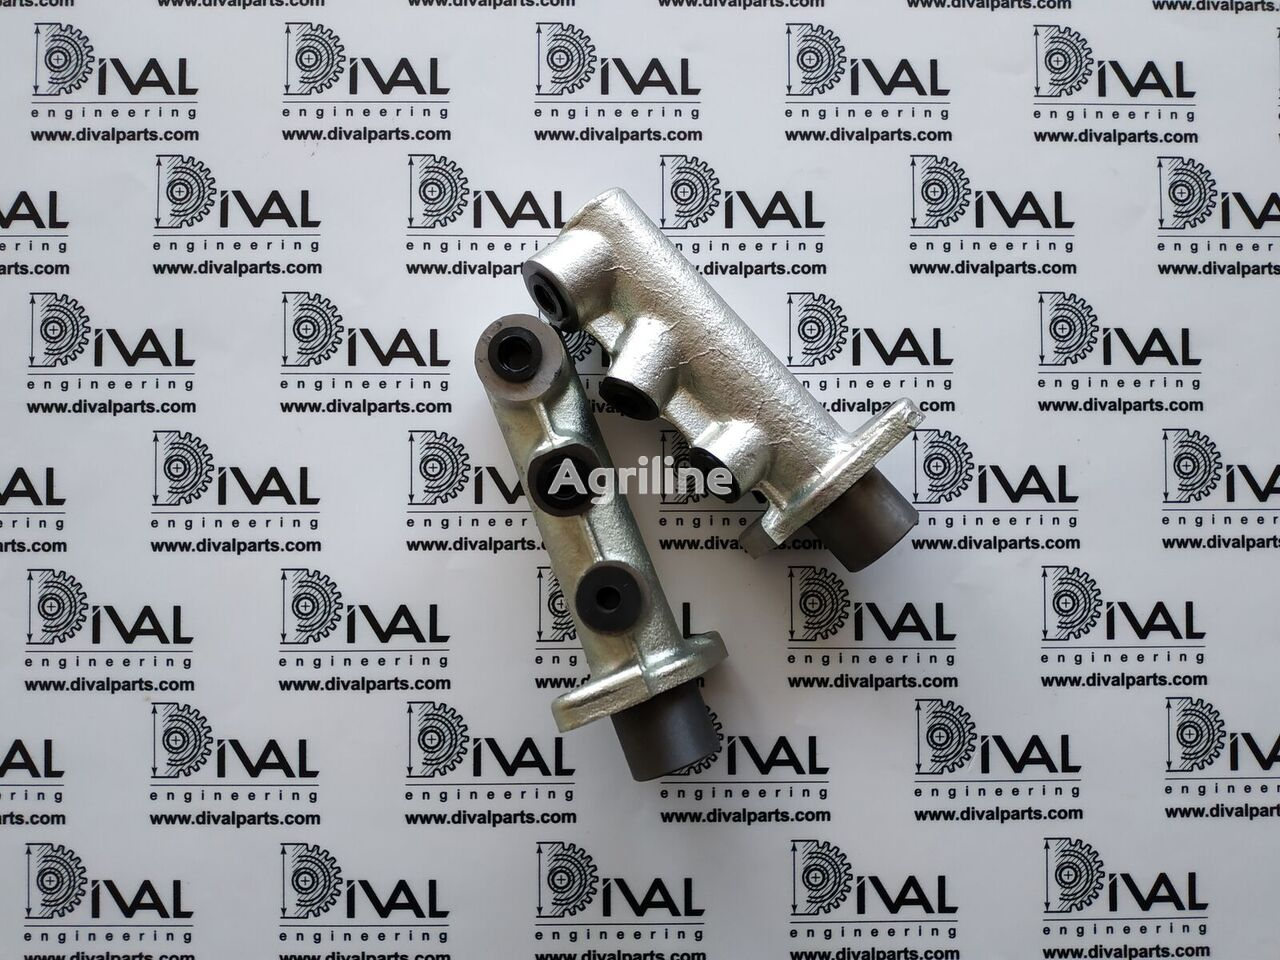 JCB cilindro principal de frenos para JCB 530/70, 540/70, 531/70, 535/95, 533/105, 535/125, 535/140, 540/140, 3 CX, 4 CX otra maquinaria agrícola nuevo